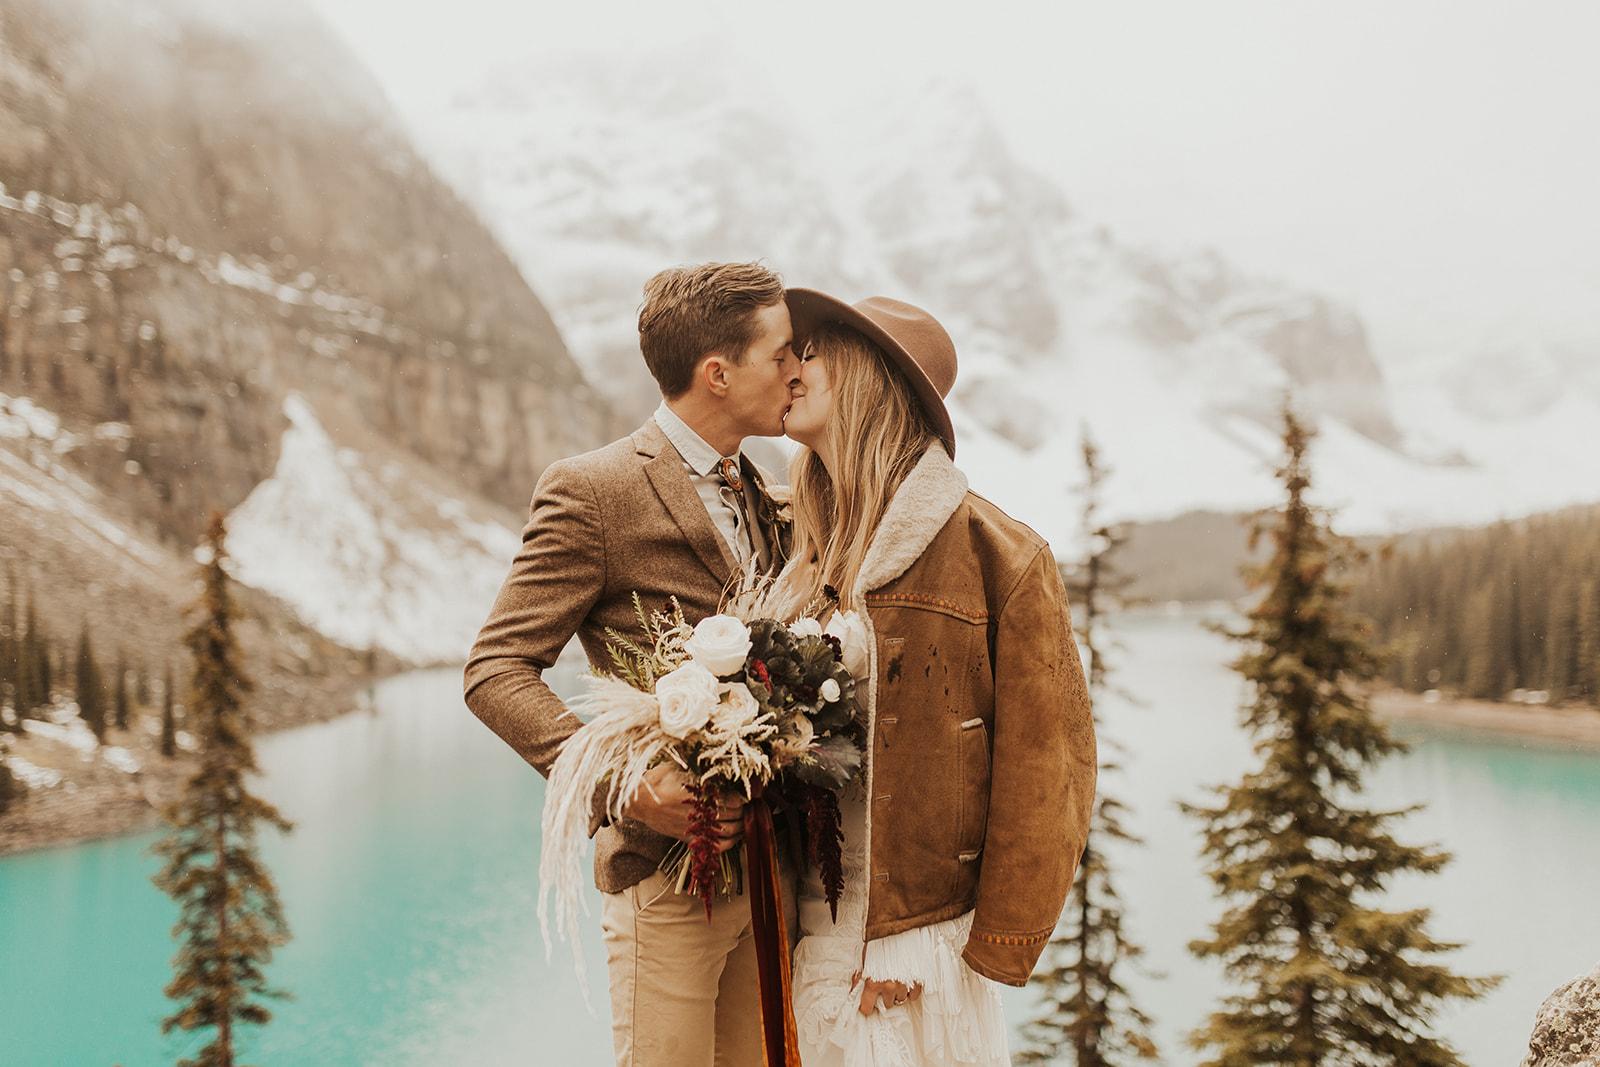 Banff Elopement l Lake Moraine Elopement l Vintage Bolo Tie l Pampas Grass Boho Boquet l Rue Design Wedding Dress l Banff Wedding Photographer l Destination Wedding Photographer l Katy Rose Photo_-54.jpg